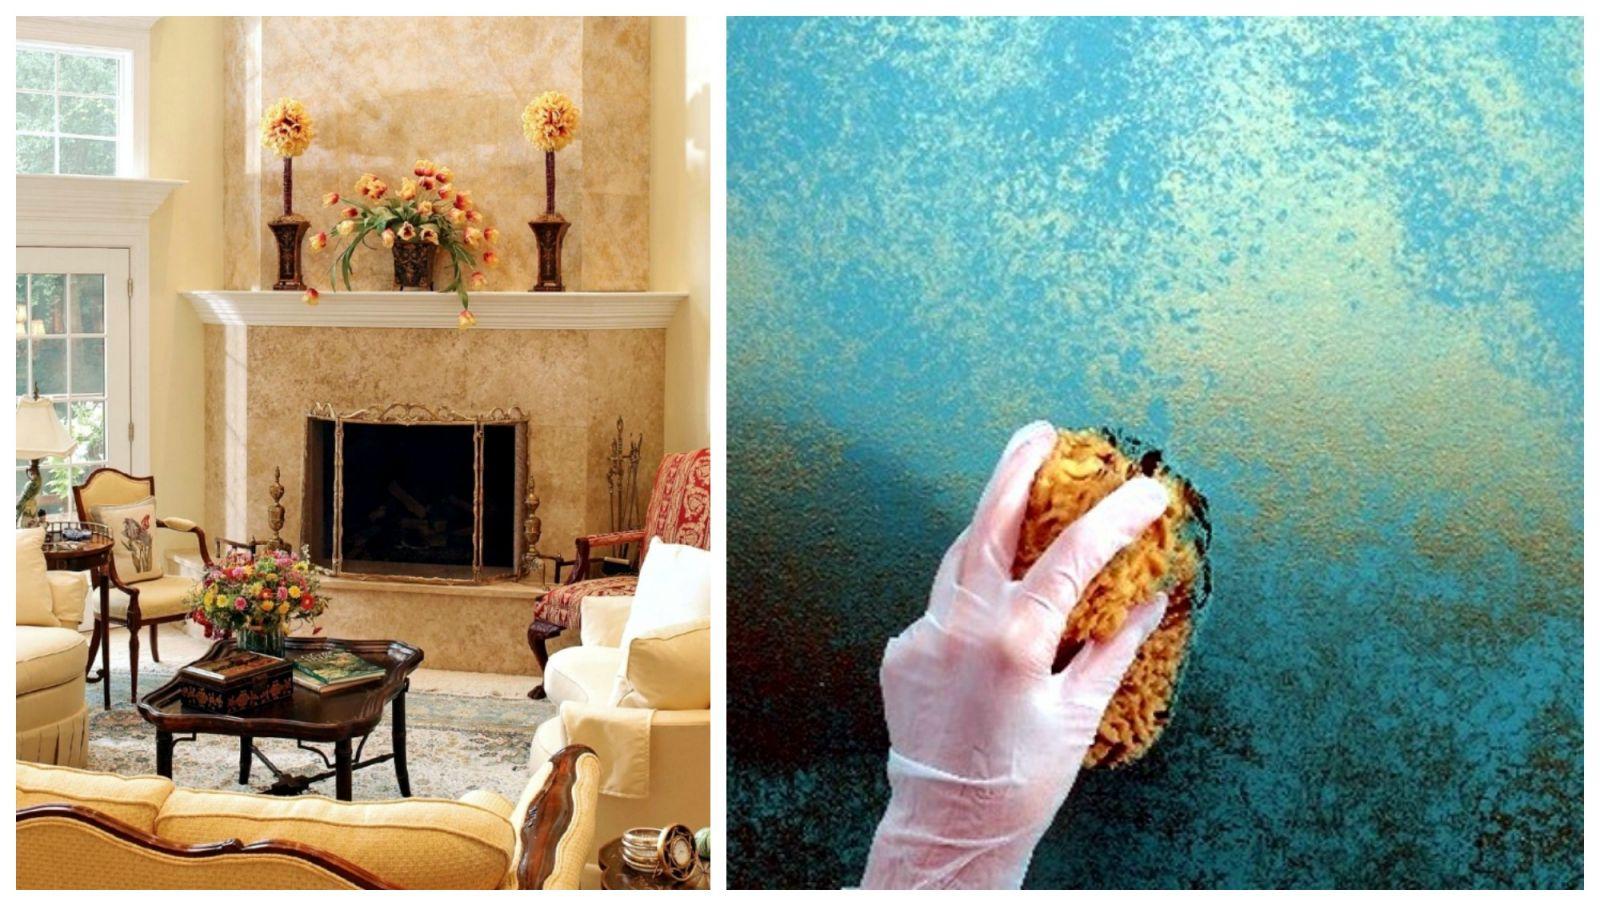 Különleges minták beltéri falfesték és hétköznapi eszközök segítségével.